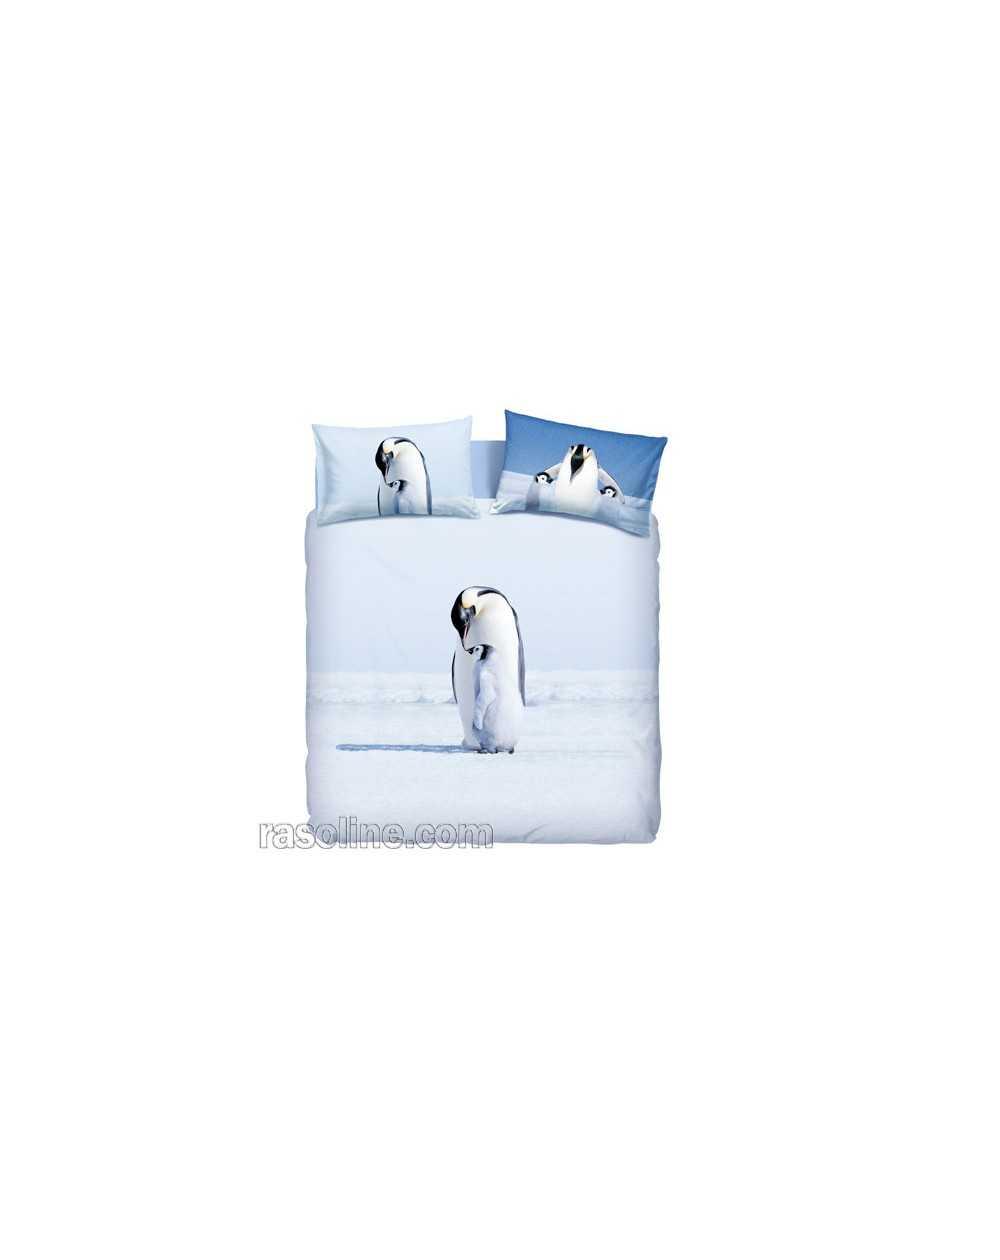 classico carino economico foto ufficiali Copripiumino Matrimoniale Artic Pinguini Bassetti La Natura